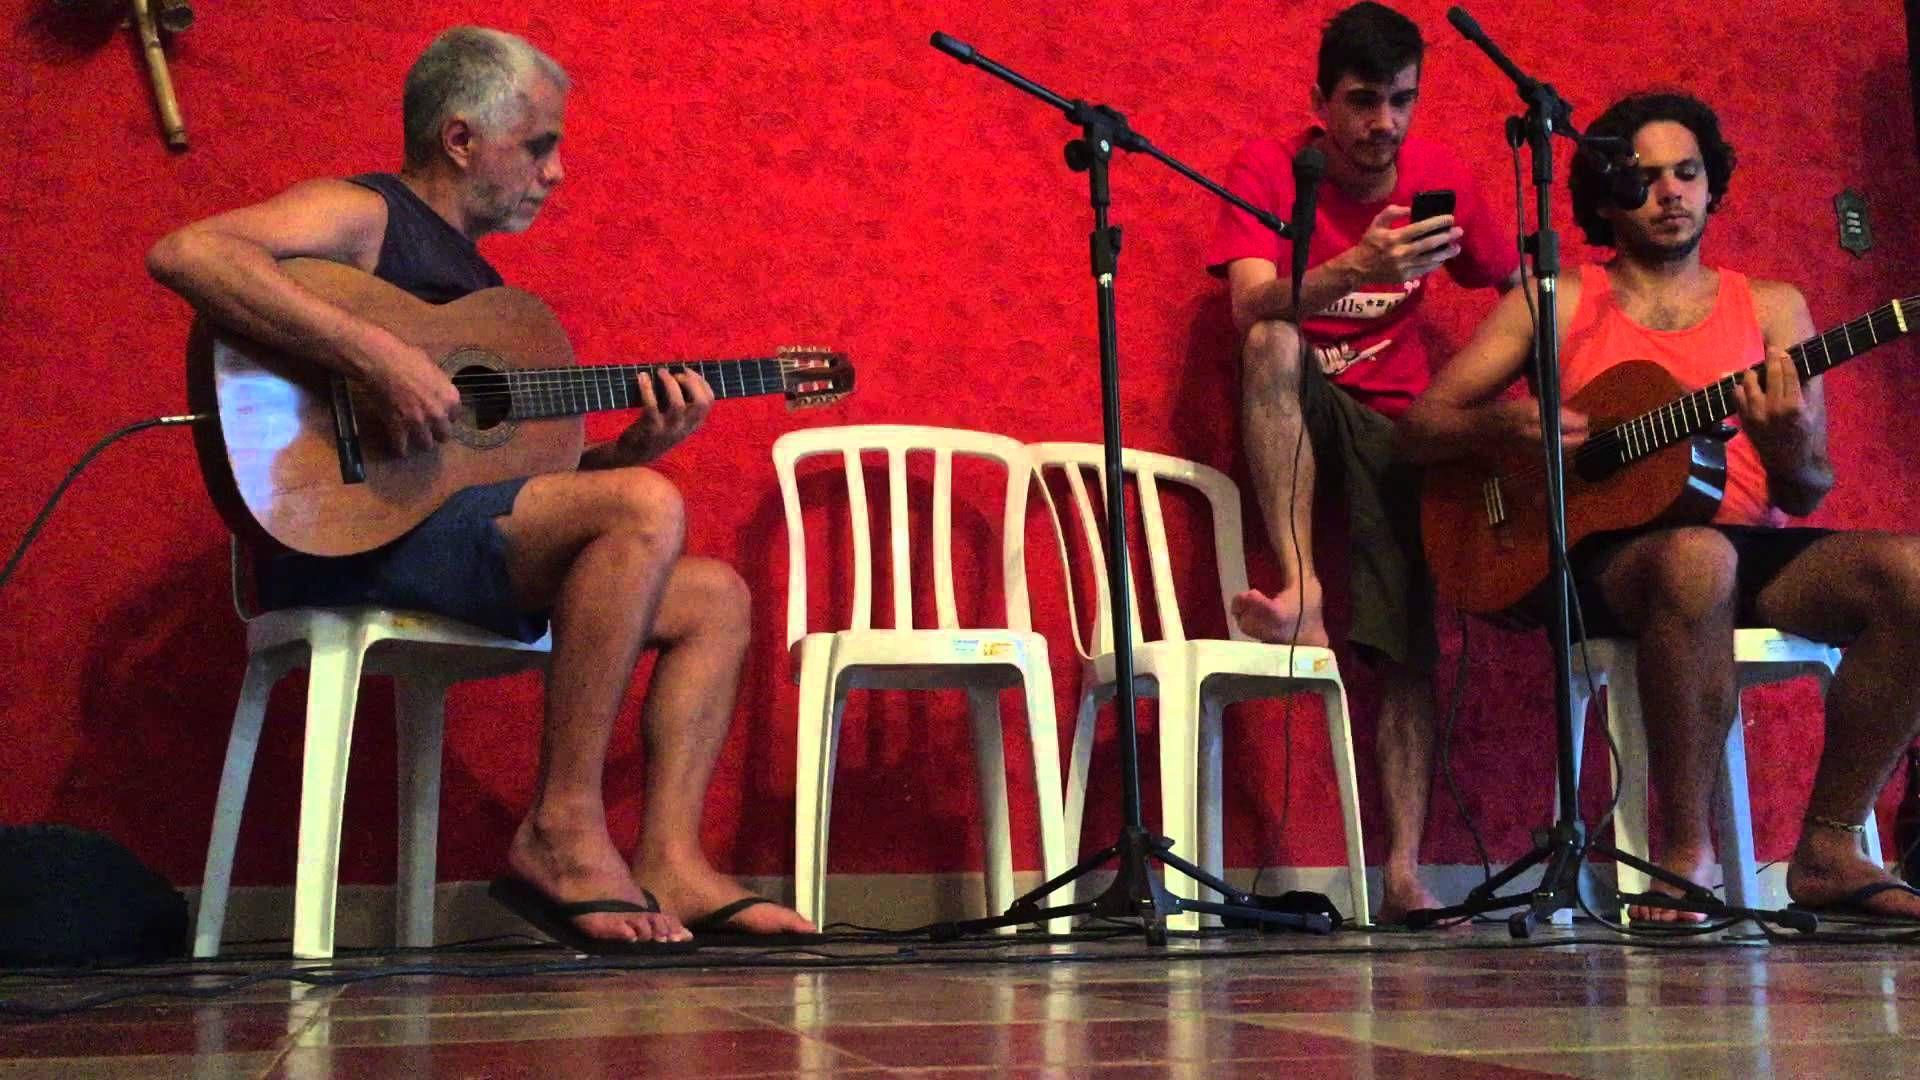 Tiguera: Churrasco Sede. Som Domingos, Lucas, Bruno, João. IMG_8264. 496...